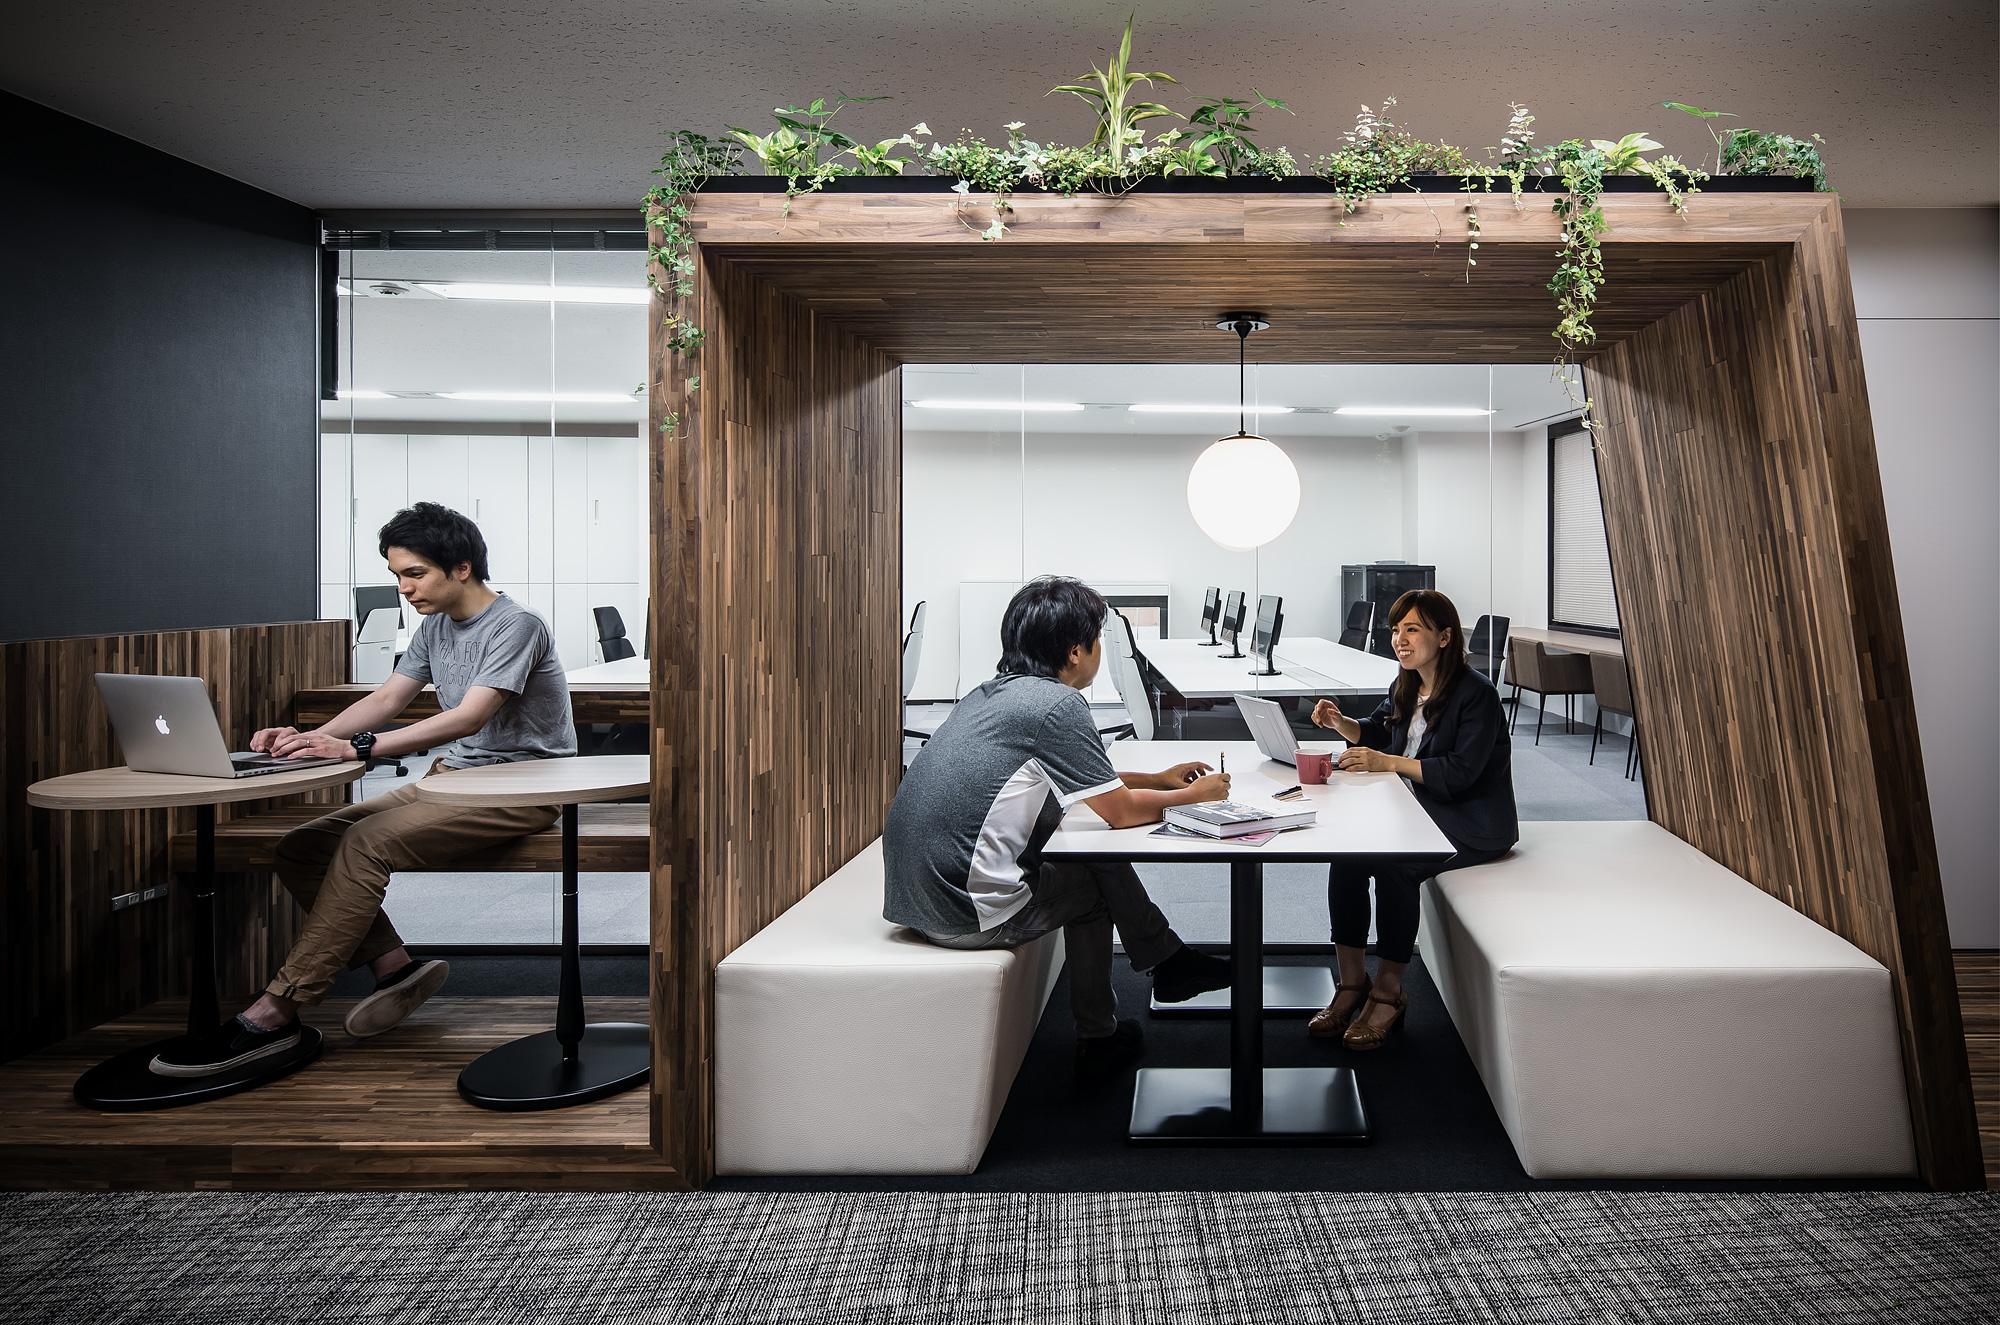 帯家具: 打ち合わせブースとカフェスタイルのベンチ